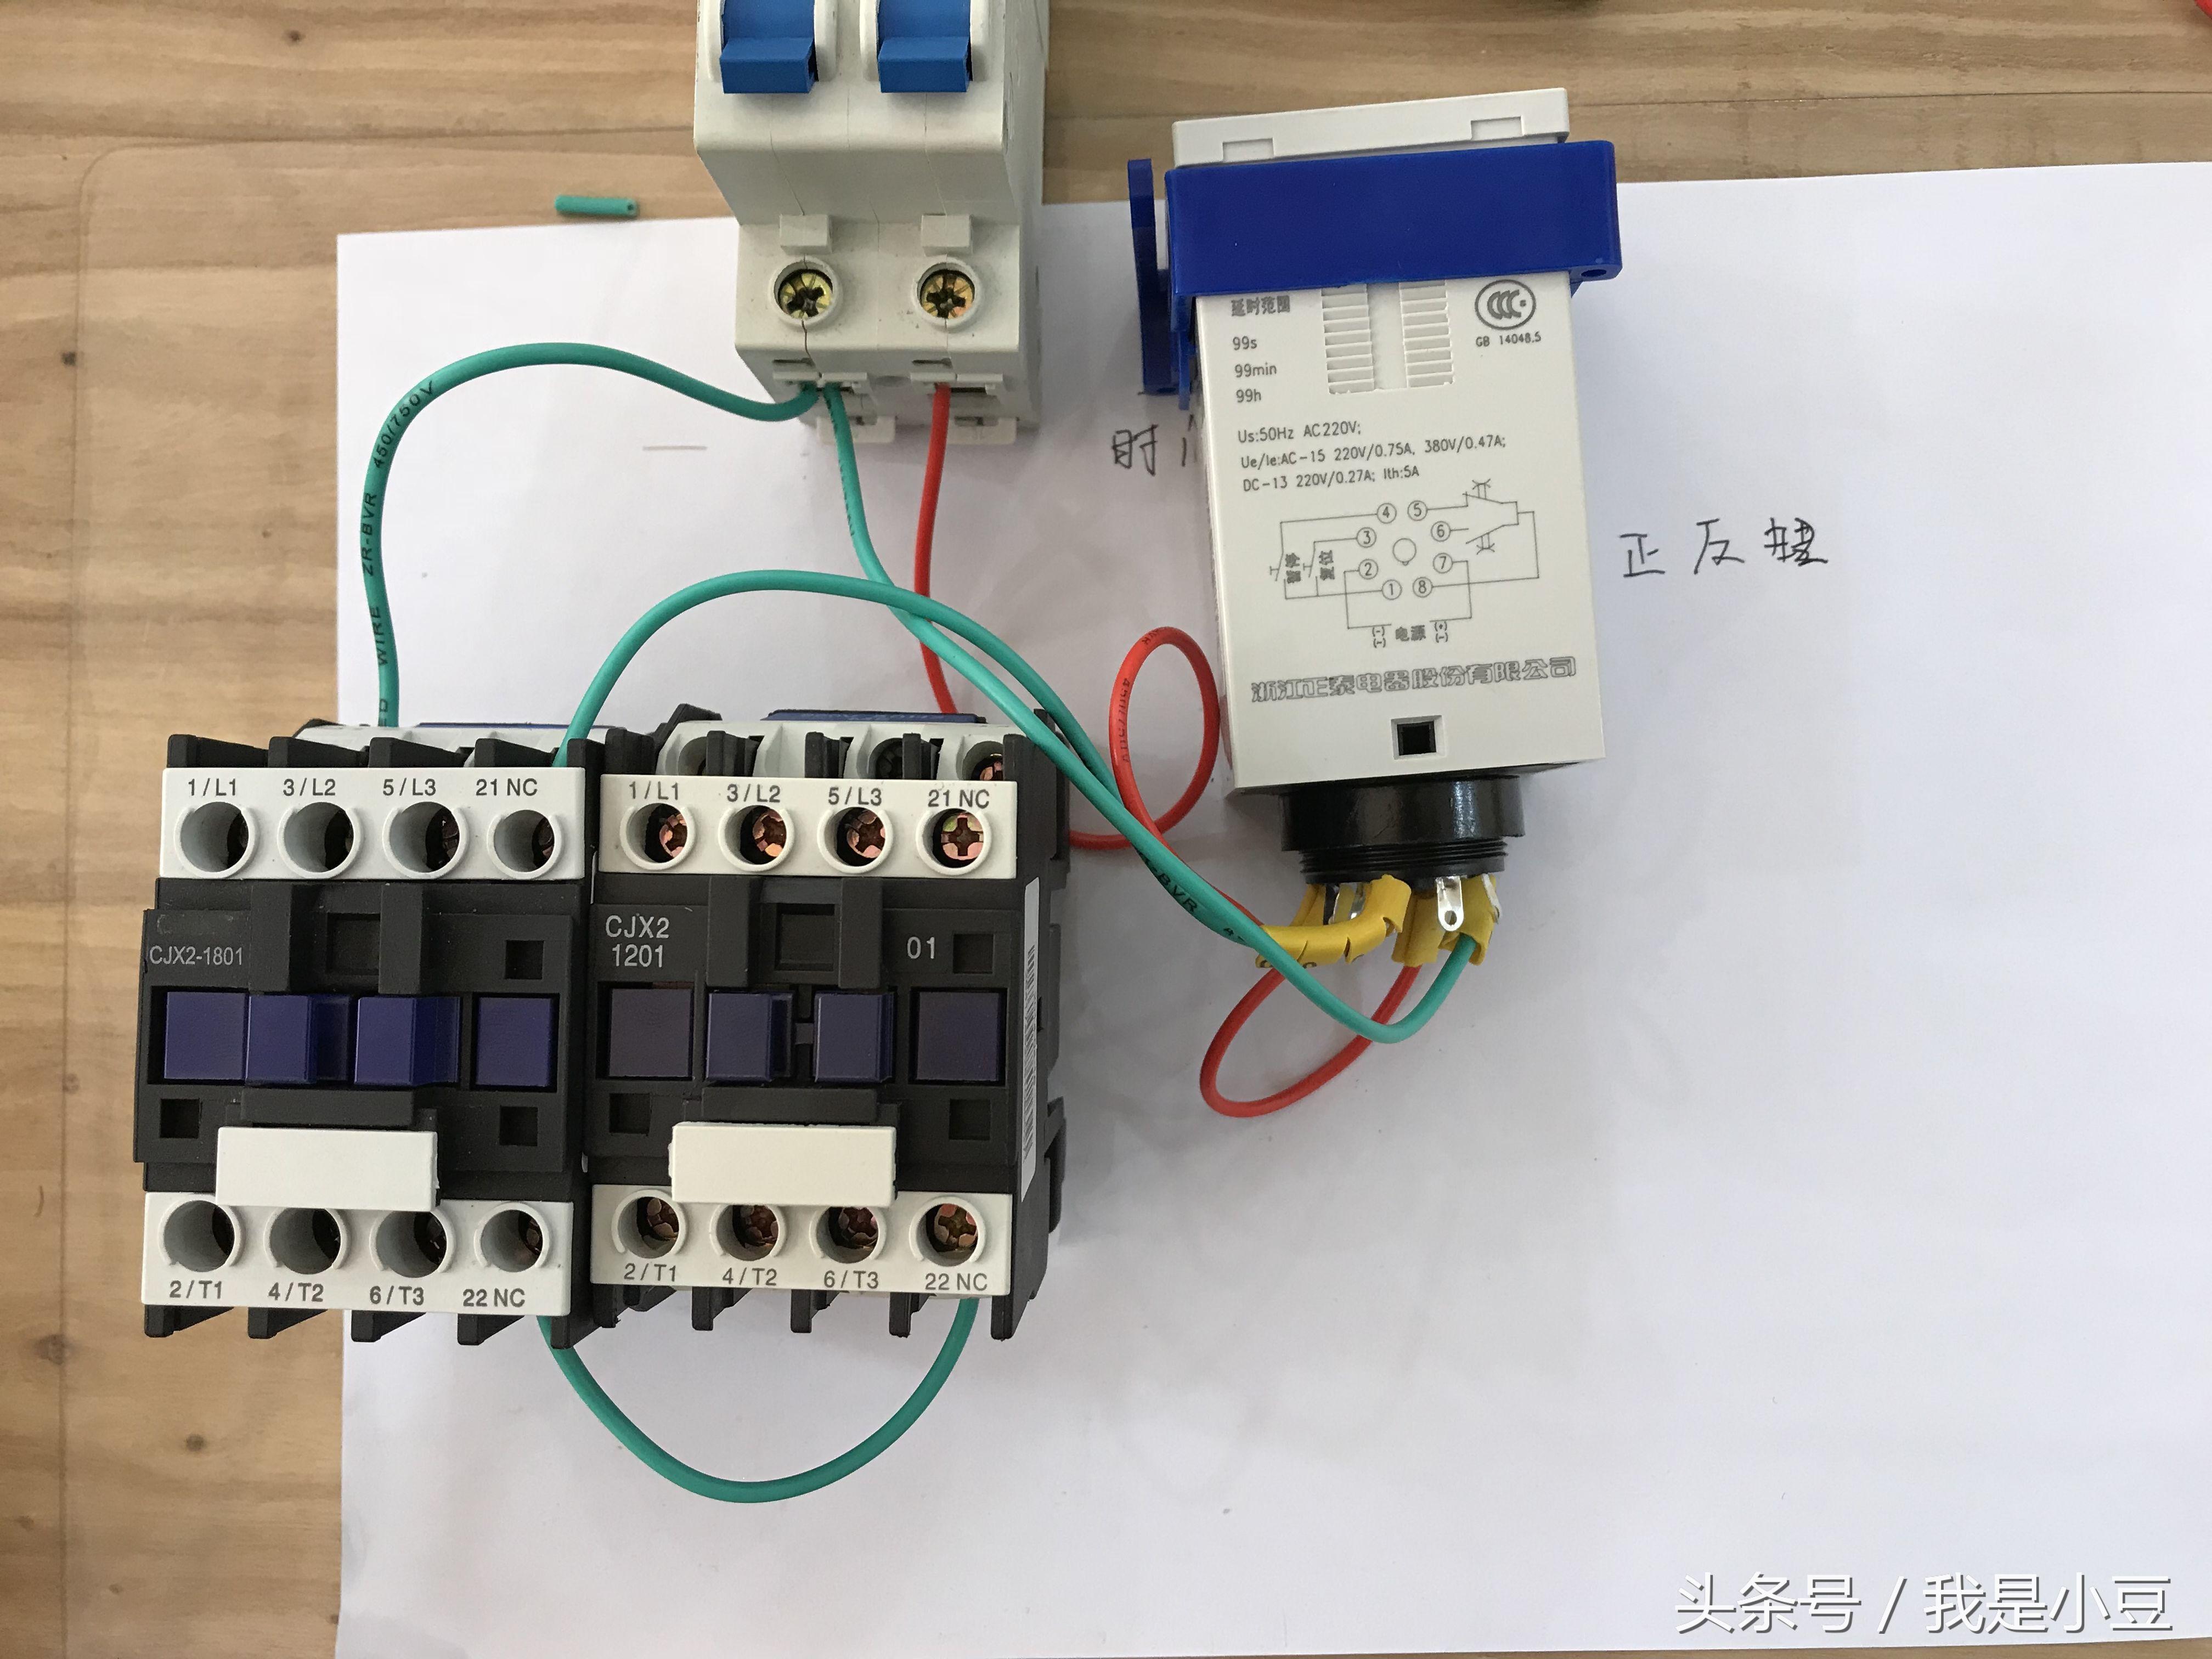 反转,时间继电器端子6,进正转接触器常闭,出来进反转接触器线圈的a2